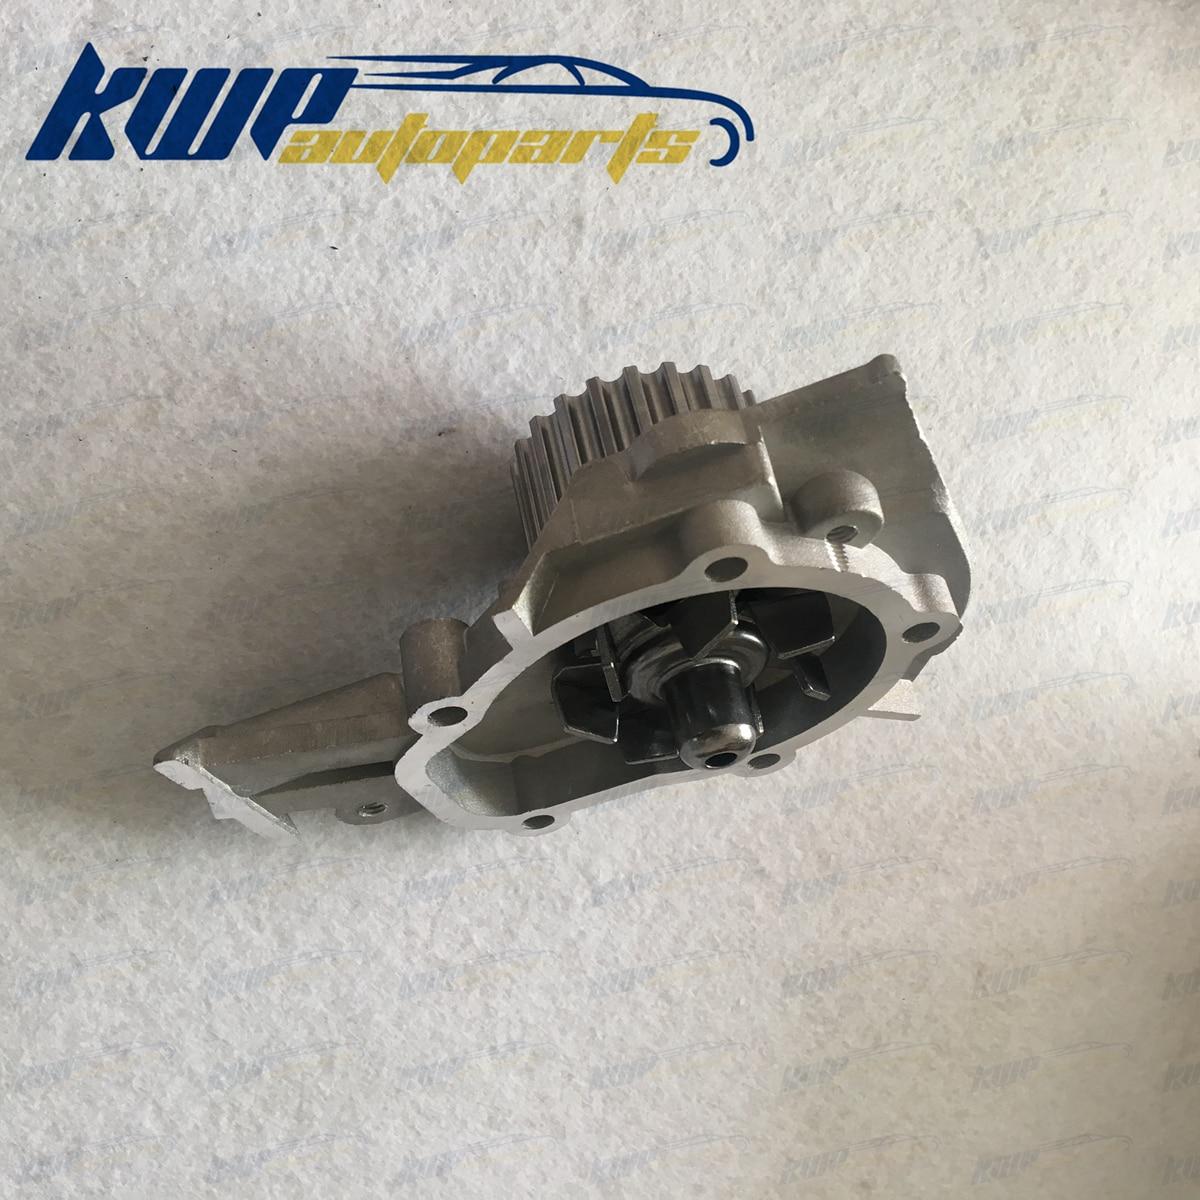 Chevrolet Matiz 2005-2011 0.8 0.8 LPG O2 Oxygen Lambda Sensor